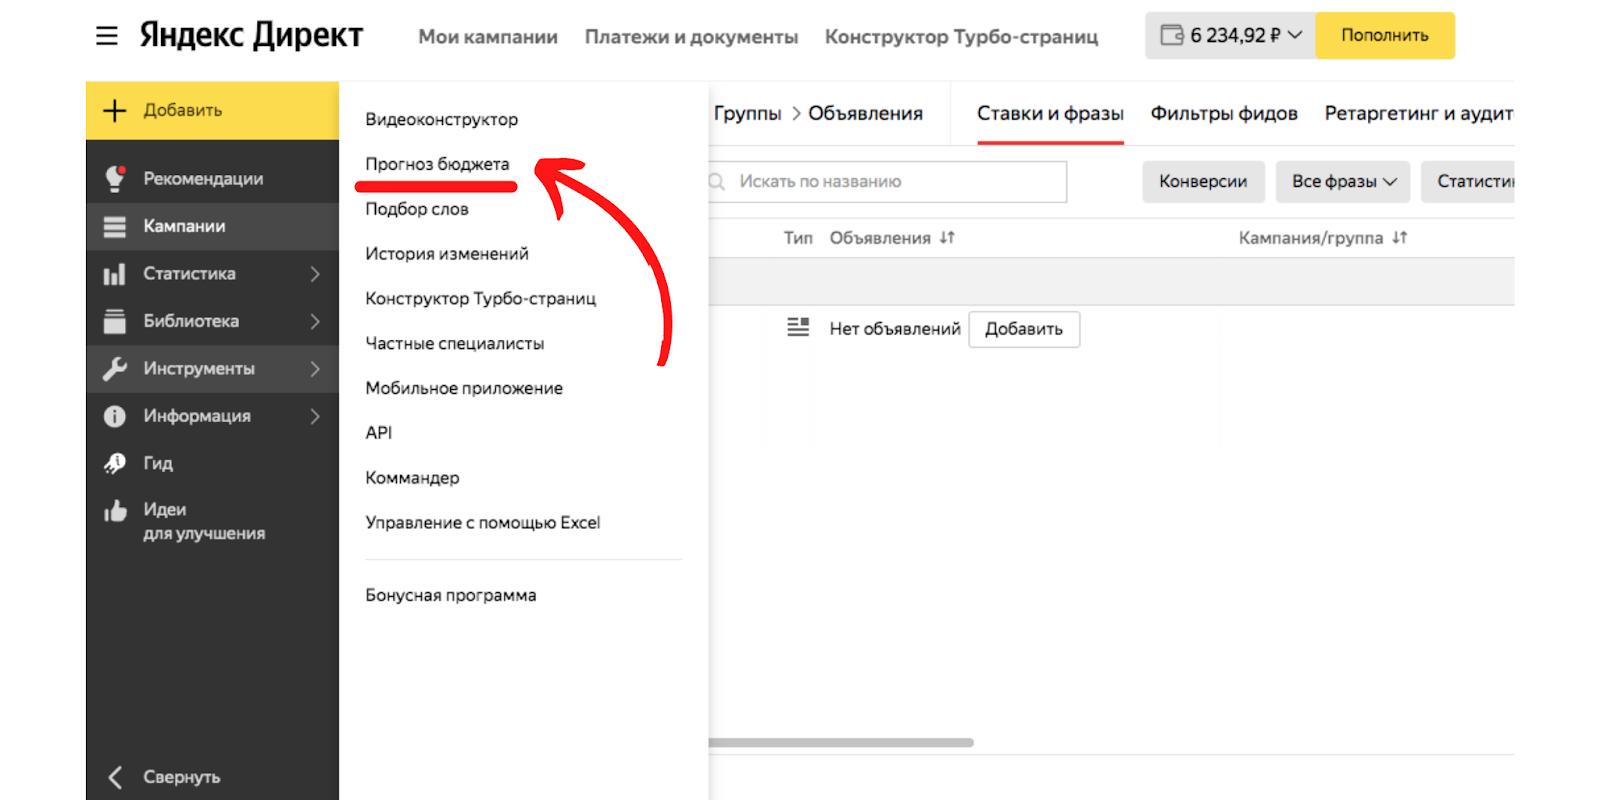 Прогноз стоимости рекламной кампании в Яндекс.Директ